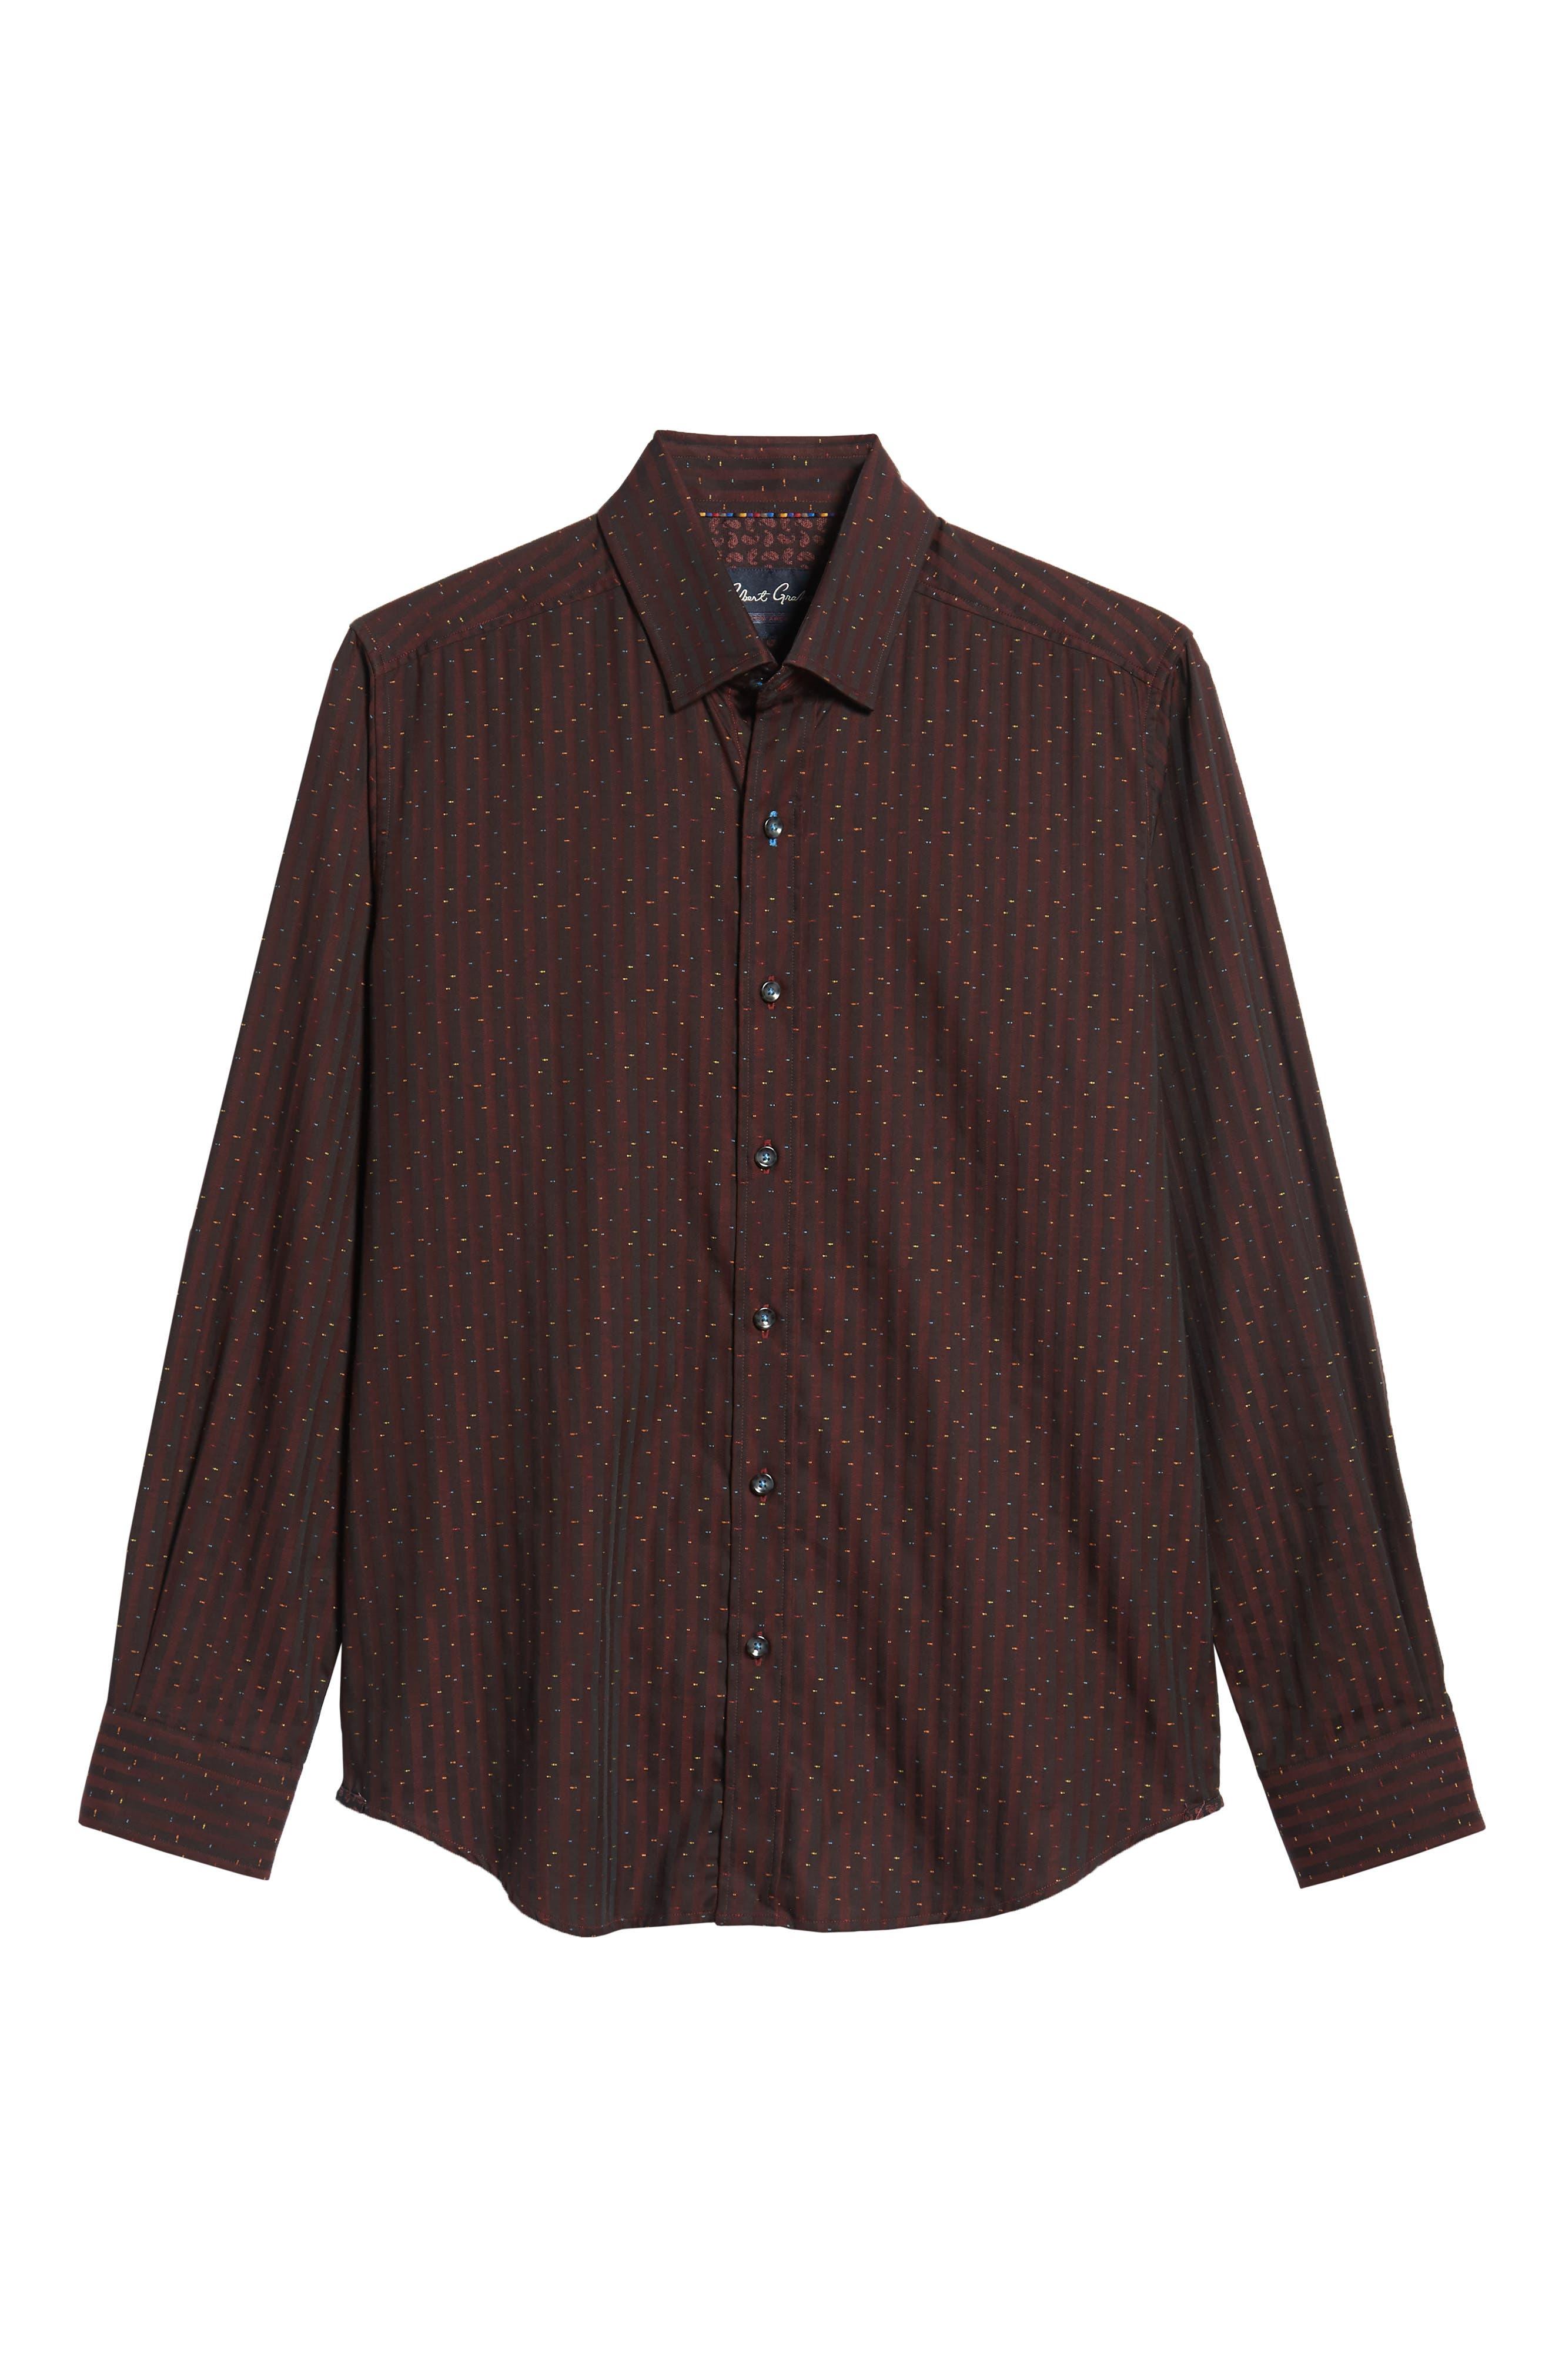 ROBERT GRAHAM,                             McDermott Tailored Fit Print Sport Shirt,                             Alternate thumbnail 5, color,                             603